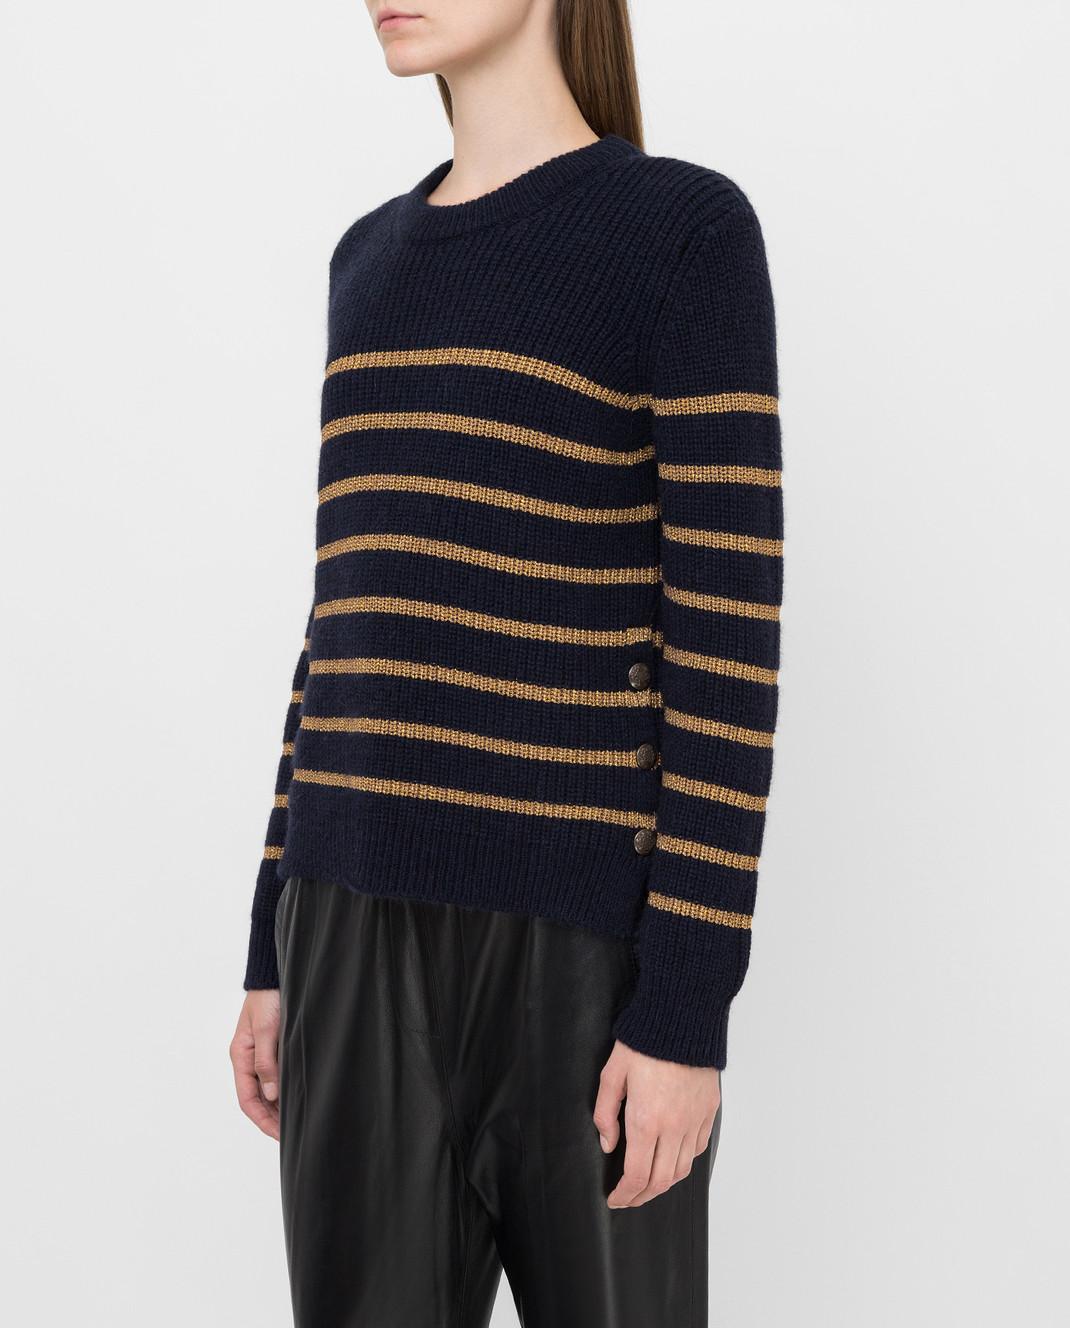 Twin Set Темно-синий свитер изображение 3